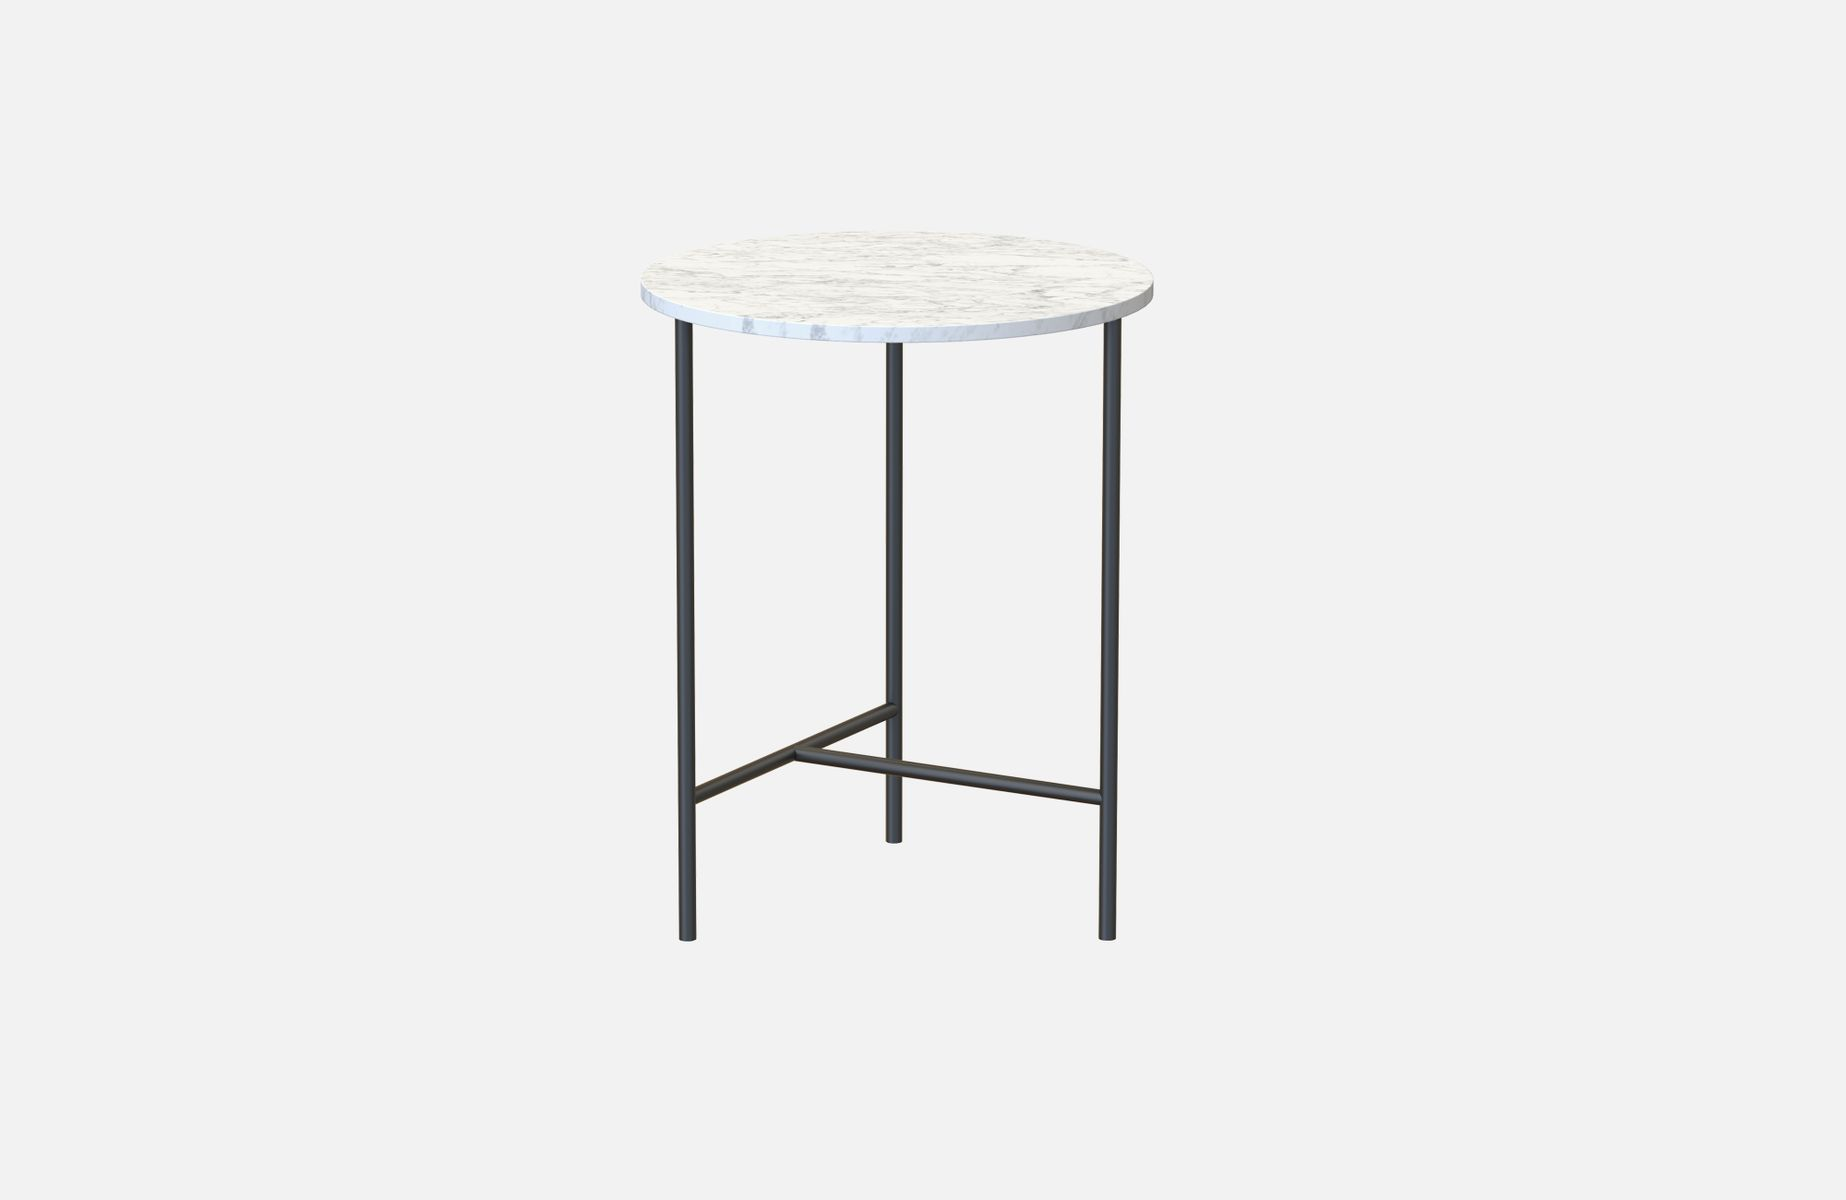 schwarzer midt beistelltisch mit wei er tischplatte aus marmor von alex baser f r miist bei. Black Bedroom Furniture Sets. Home Design Ideas